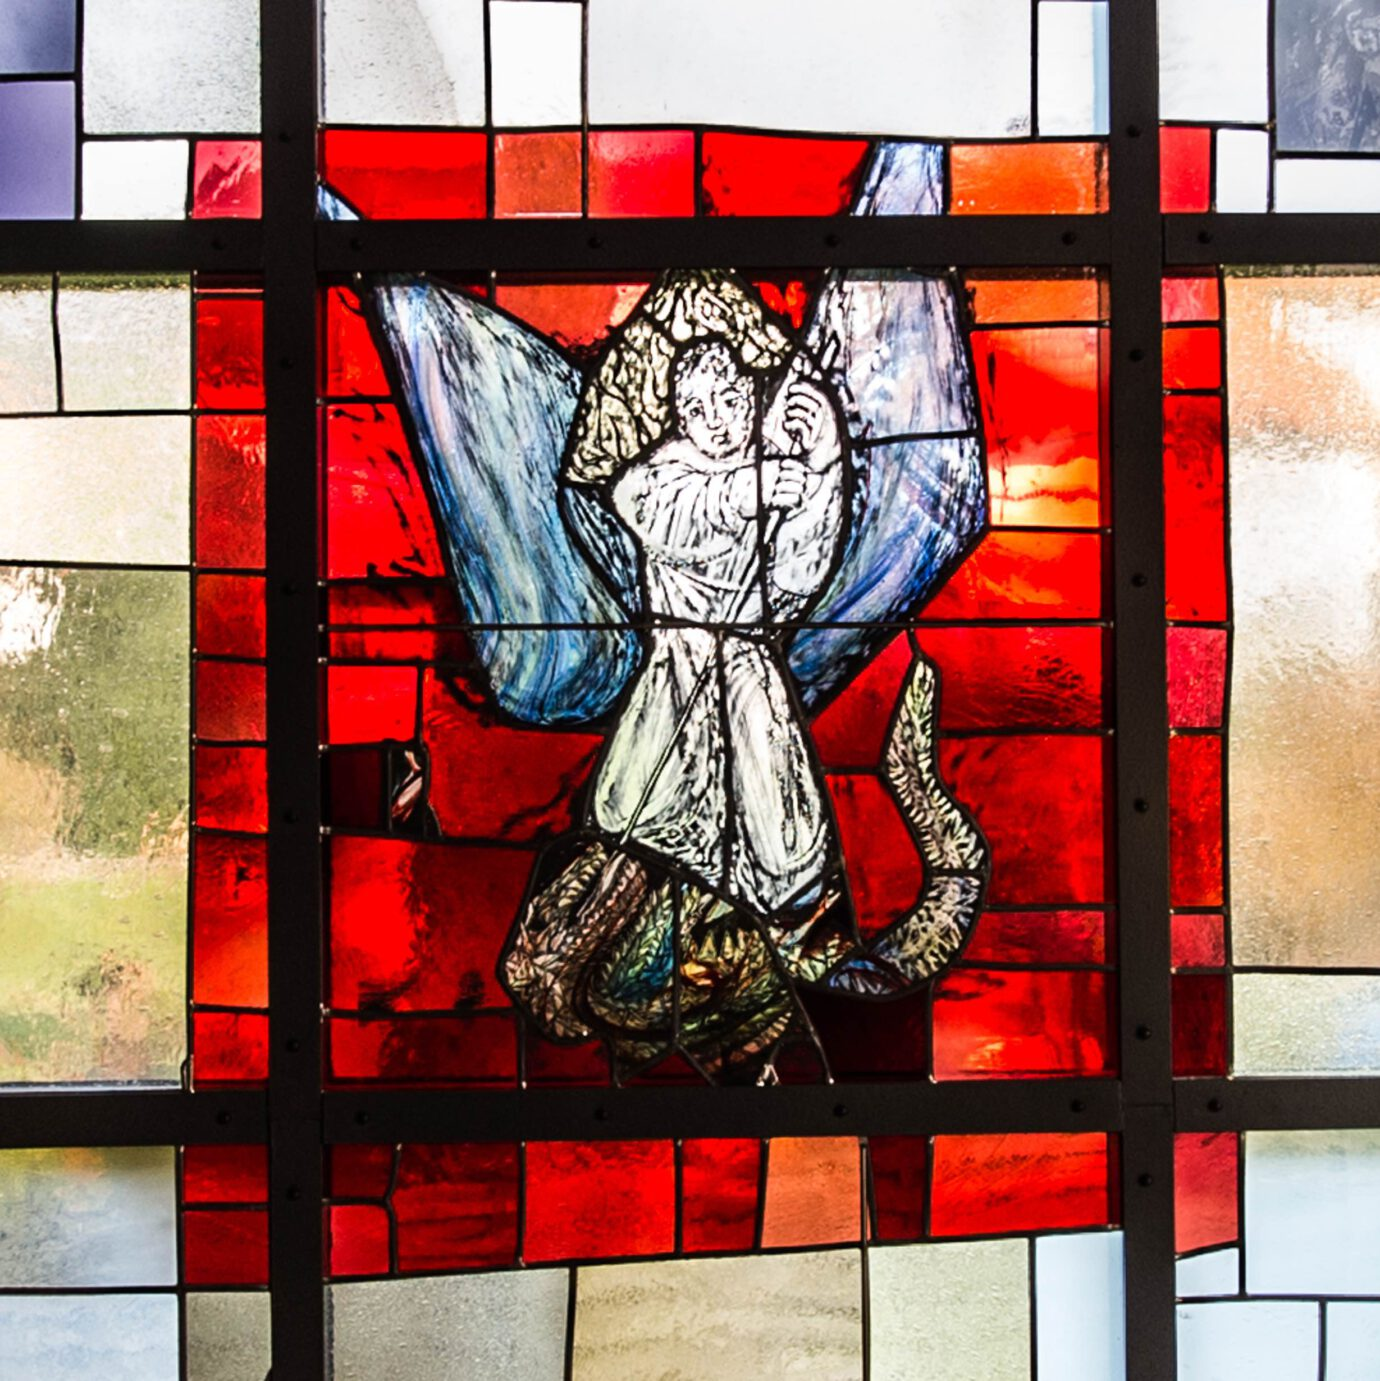 St. Michel kämpft mit dem Drachen